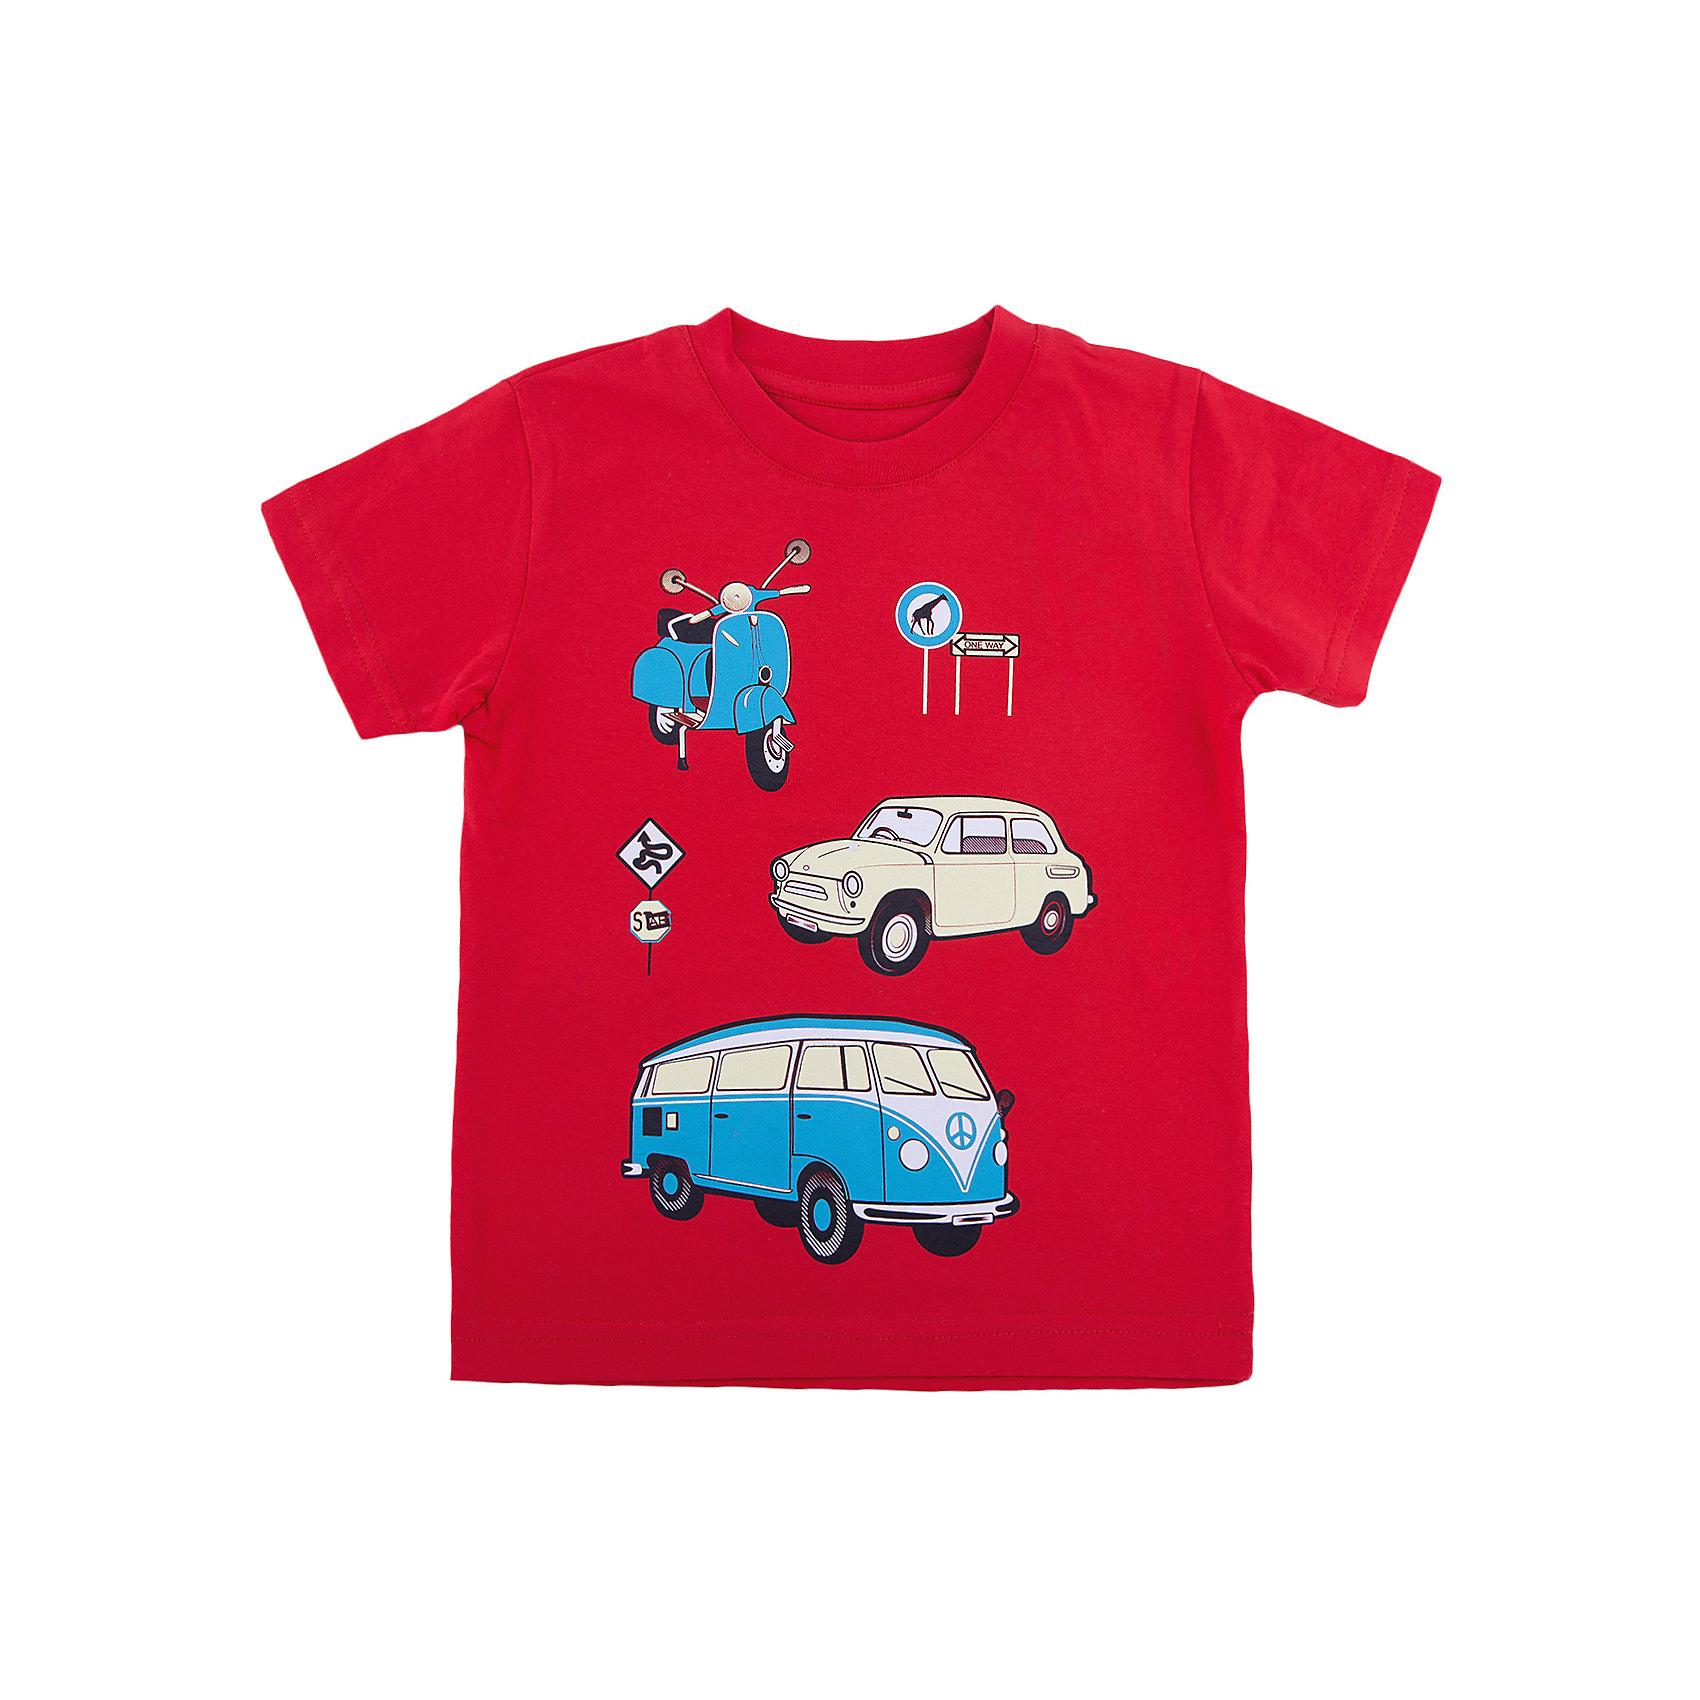 Футболка для мальчика WOWФутболки, поло и топы<br>Футболка для мальчика WOW<br>Незаменимой вещью в  гардеробе послужит футболка с коротким рукавом. Стильная и в тоже время комфортная модель, с яркой оригинальной печатью, будет превосходно смотреться на ребенке.<br>Состав:<br>кулирная гладь 100% хлопок<br><br>Ширина мм: 199<br>Глубина мм: 10<br>Высота мм: 161<br>Вес г: 151<br>Цвет: красный<br>Возраст от месяцев: 36<br>Возраст до месяцев: 48<br>Пол: Мужской<br>Возраст: Детский<br>Размер: 104,116,122,110,98<br>SKU: 6871668